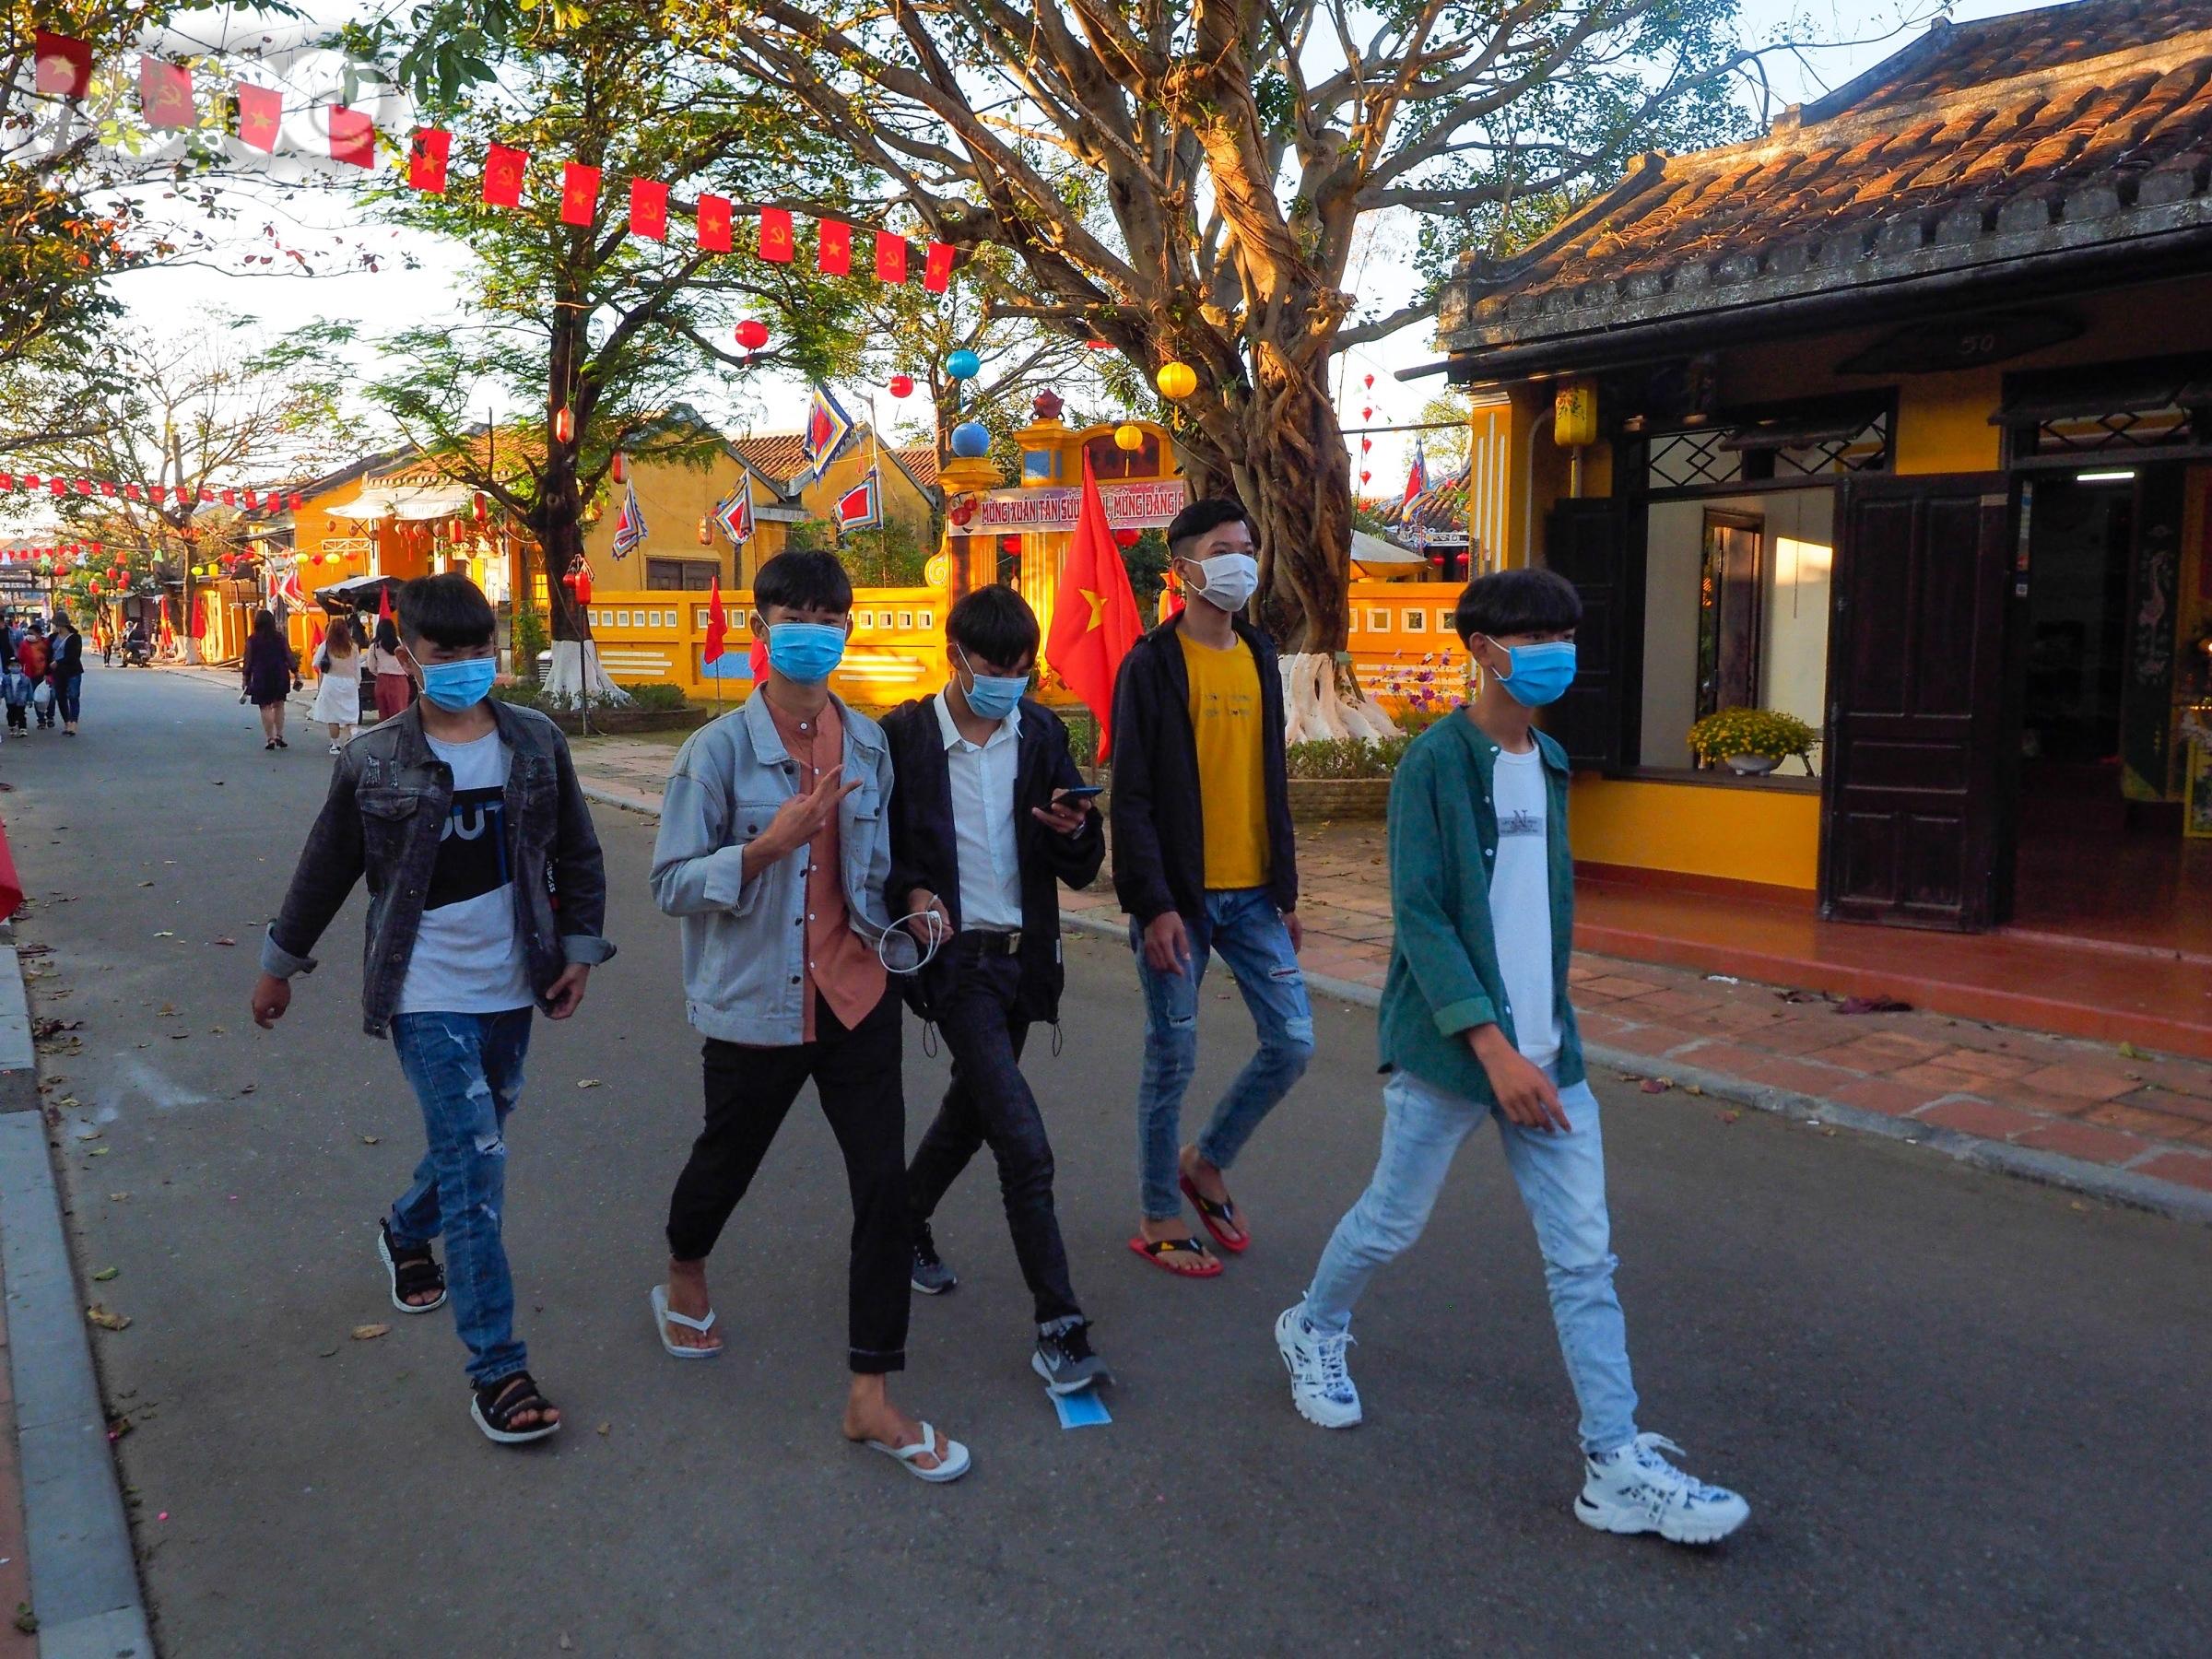 Nhiều tốp bạn trẻ, các gia đình nhỏ ăn bận quần áo mới, dạo bộ vào phố cổ để tham quan, chụp ảnh, mua sắm và thưởng thức ẩm thực đường phố.